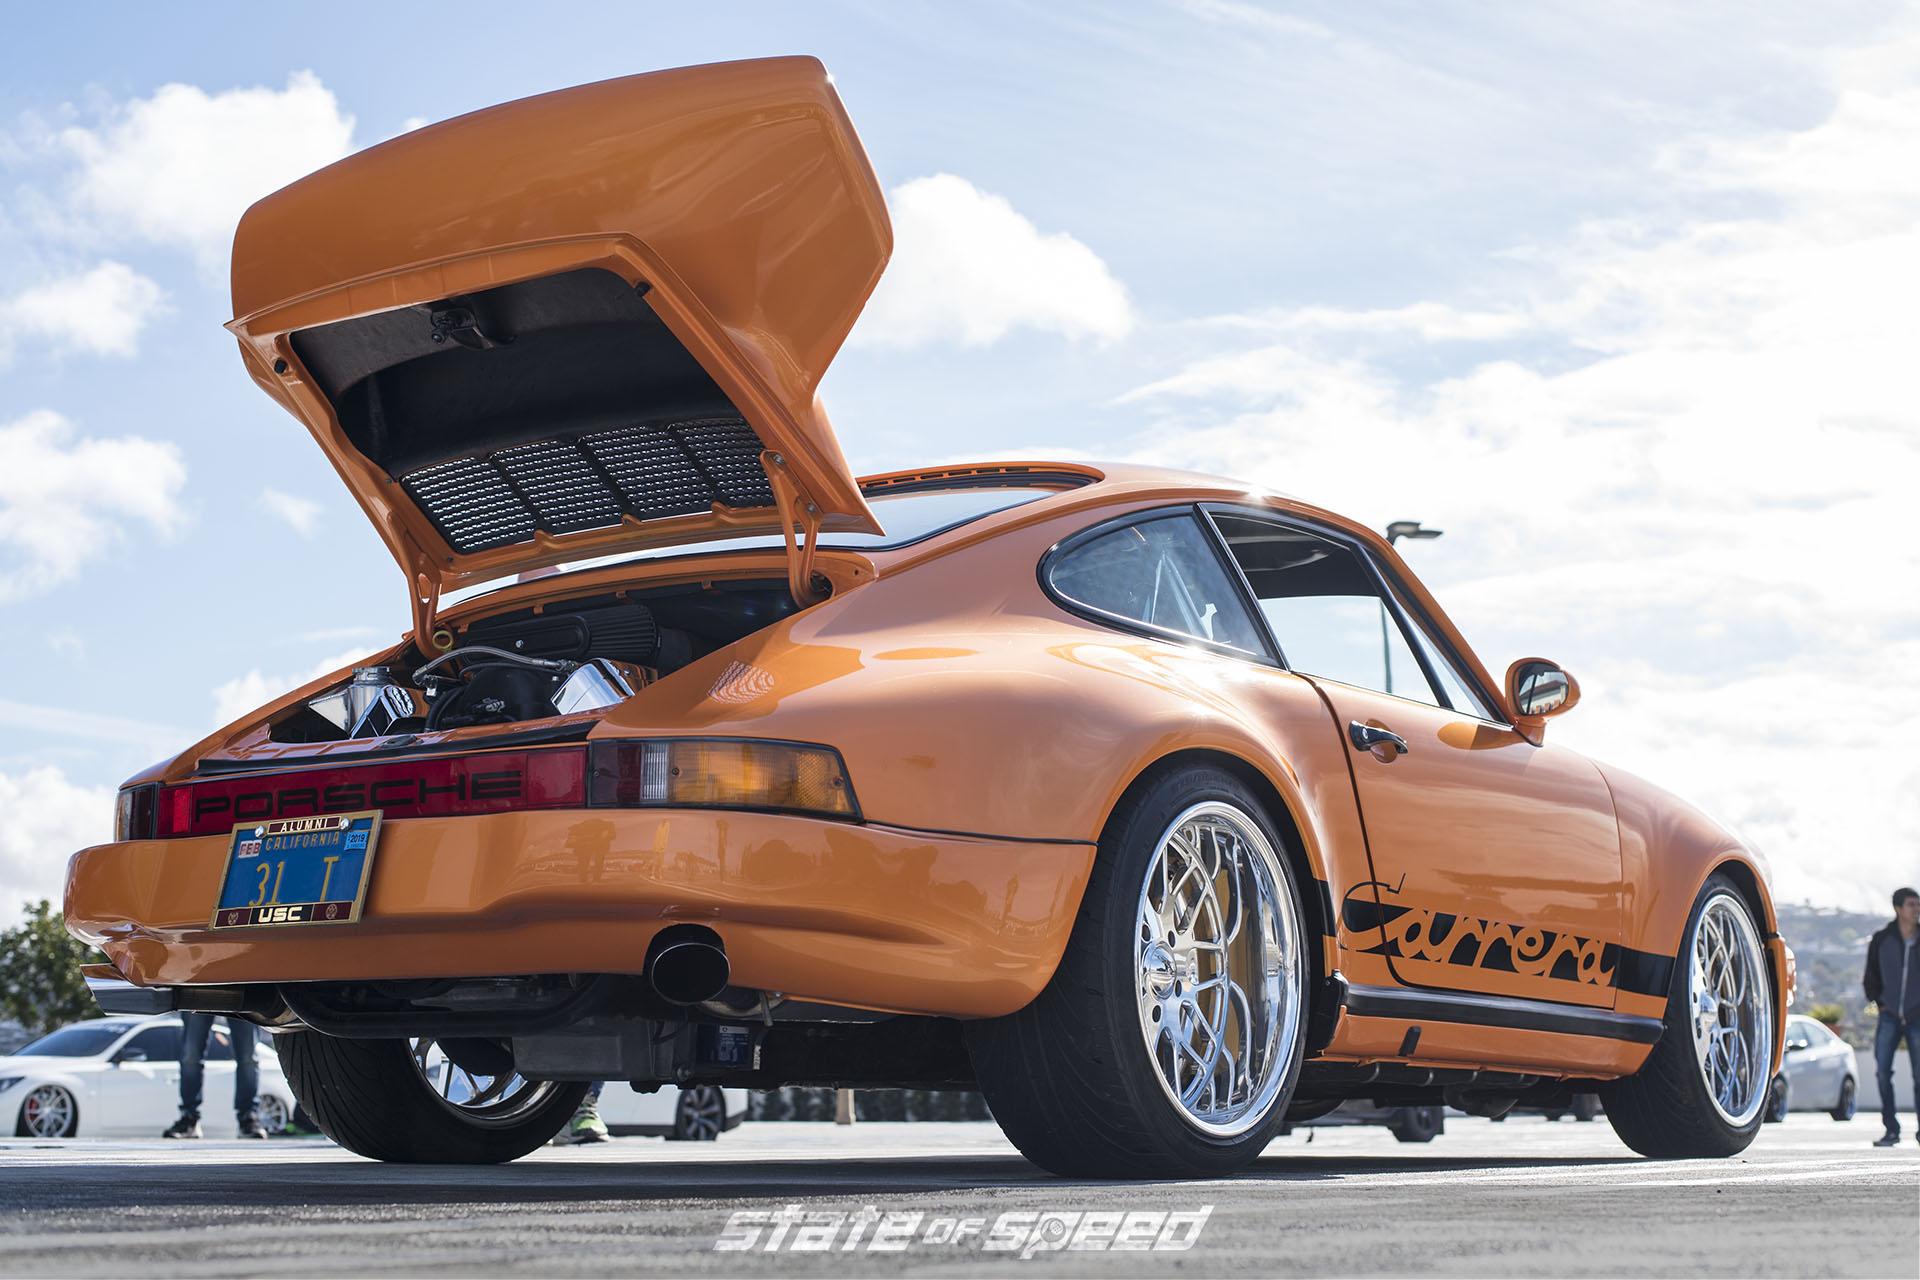 LS V8 swapped Porsche Carrera